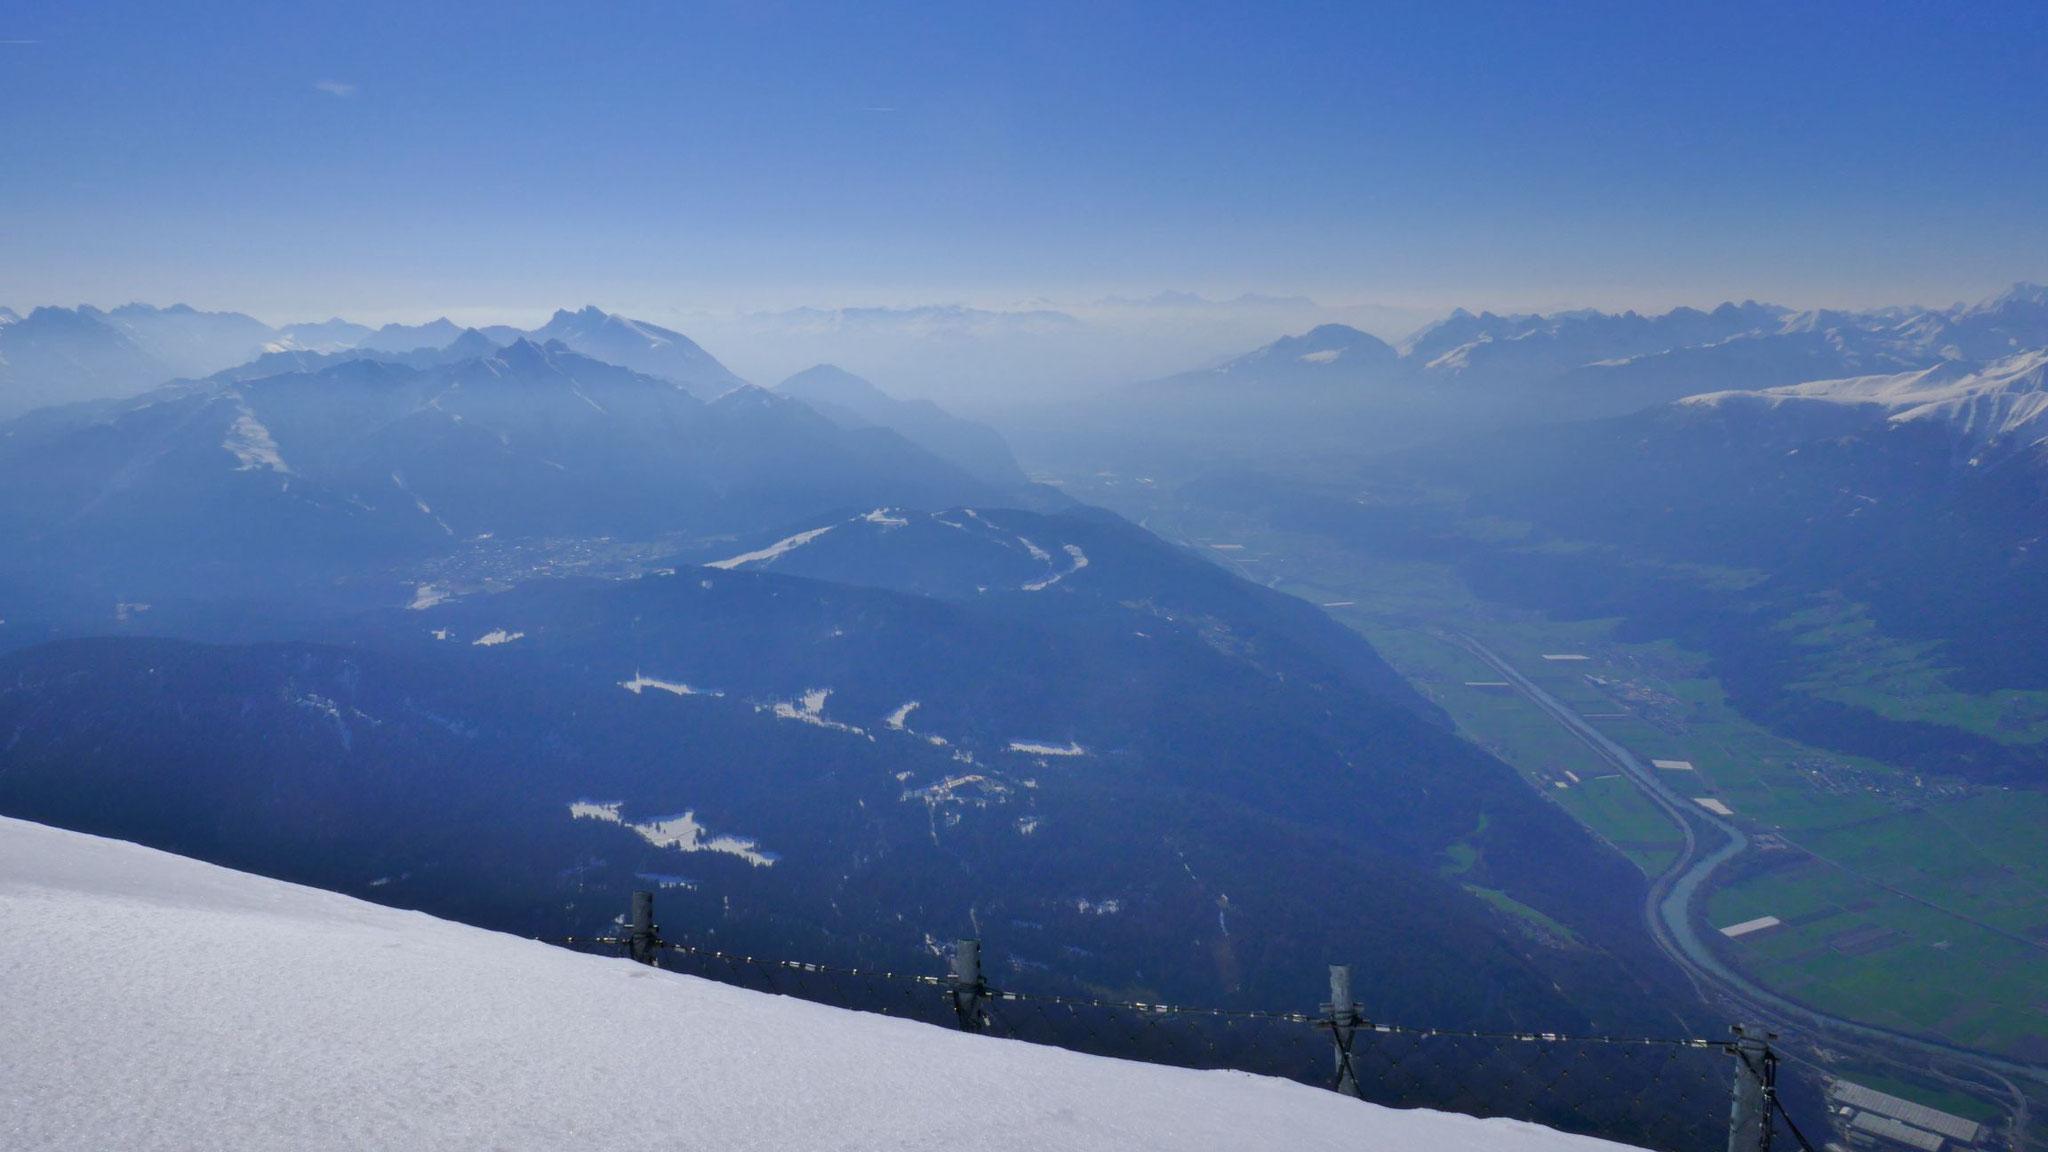 Richtung Seefeld und Innsbruck